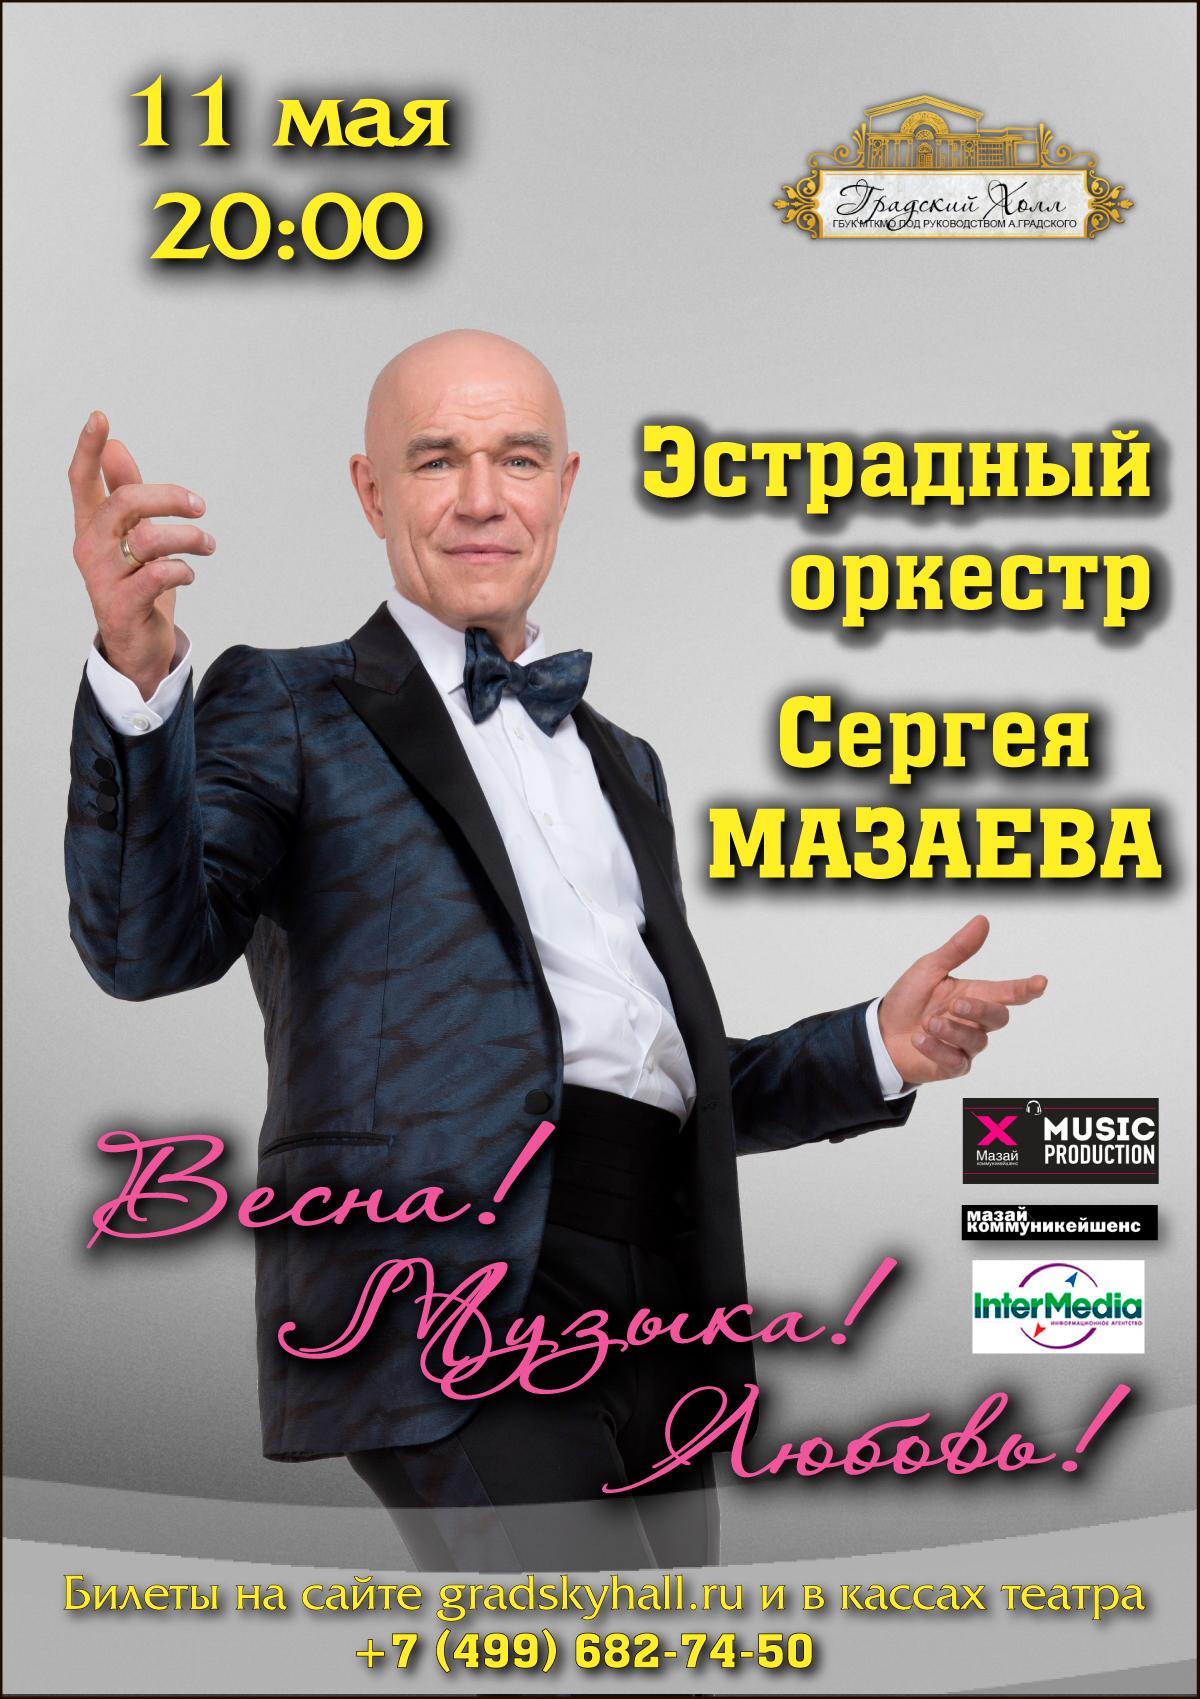 Эстрадный оркестр Сергея Мазаева